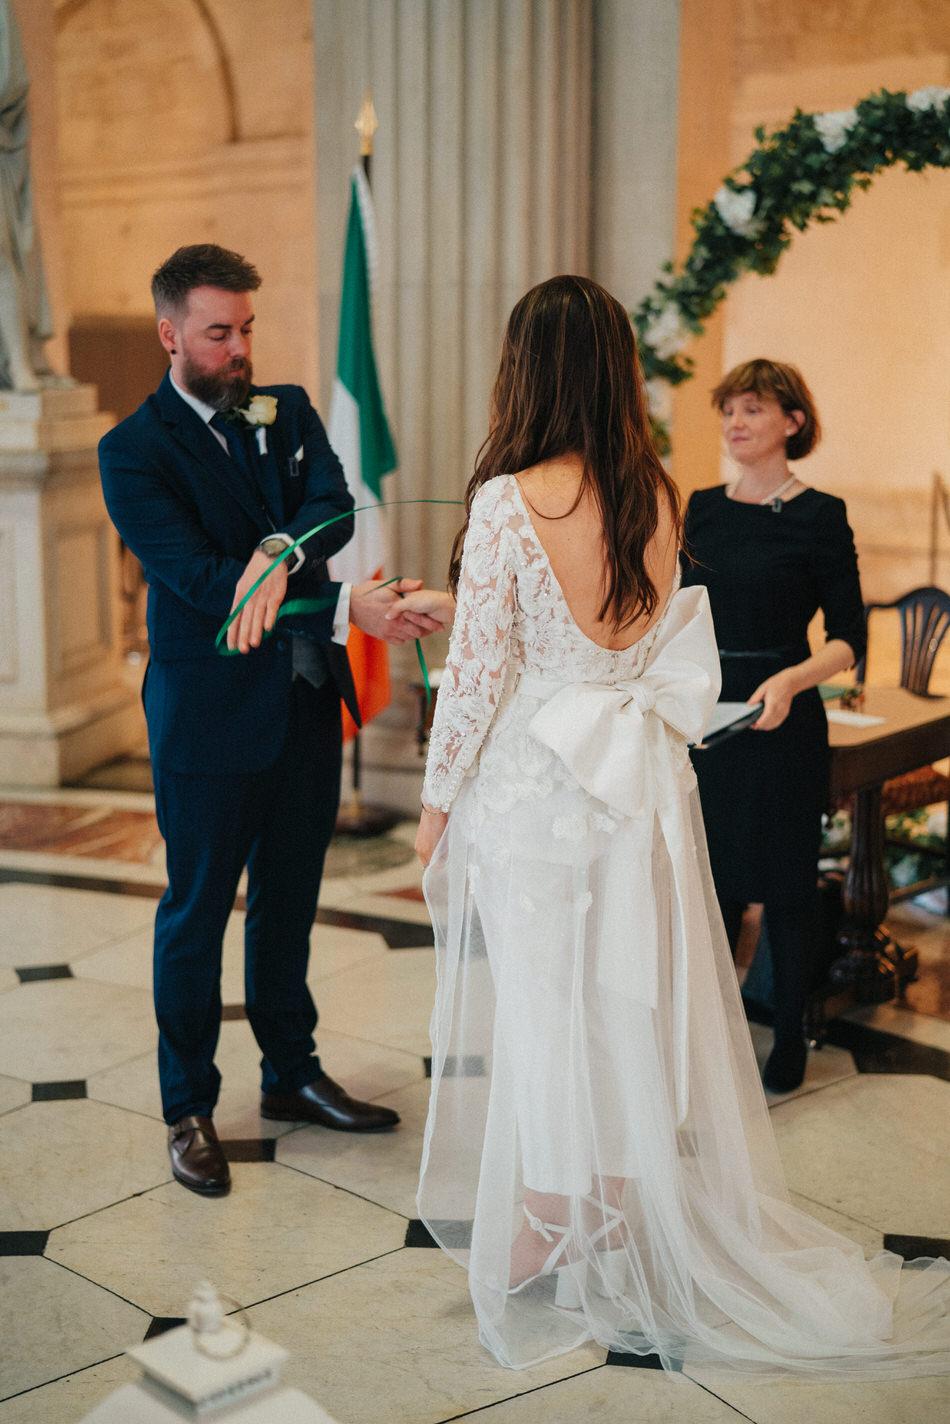 City-hall-dublin-wedding-photos-26 25